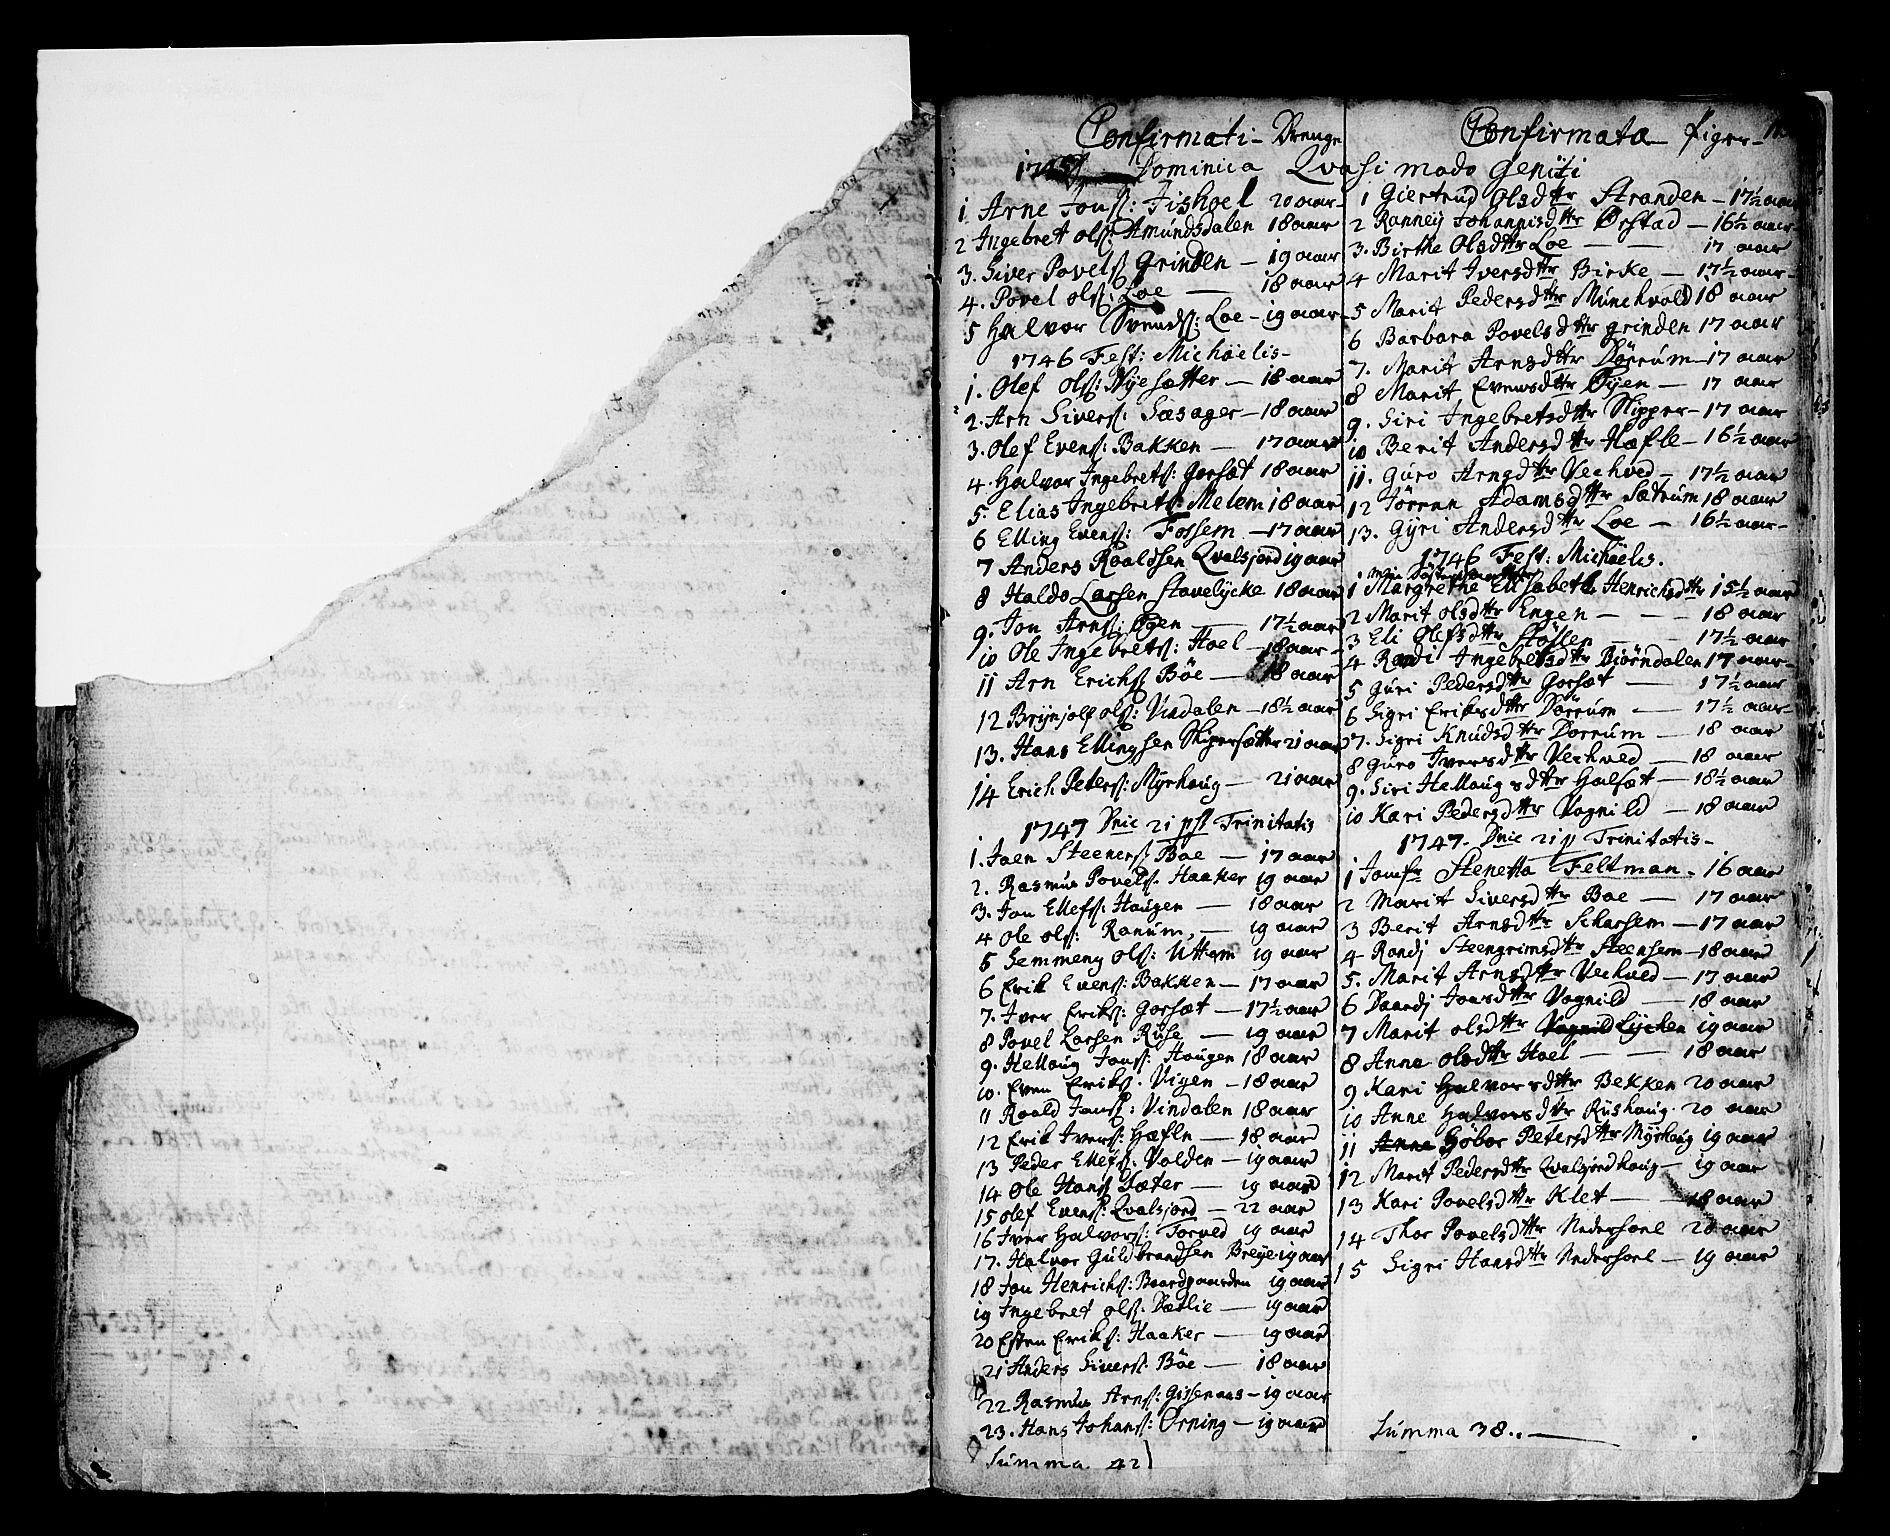 SAT, Ministerialprotokoller, klokkerbøker og fødselsregistre - Sør-Trøndelag, 678/L0891: Ministerialbok nr. 678A01, 1739-1780, s. 185